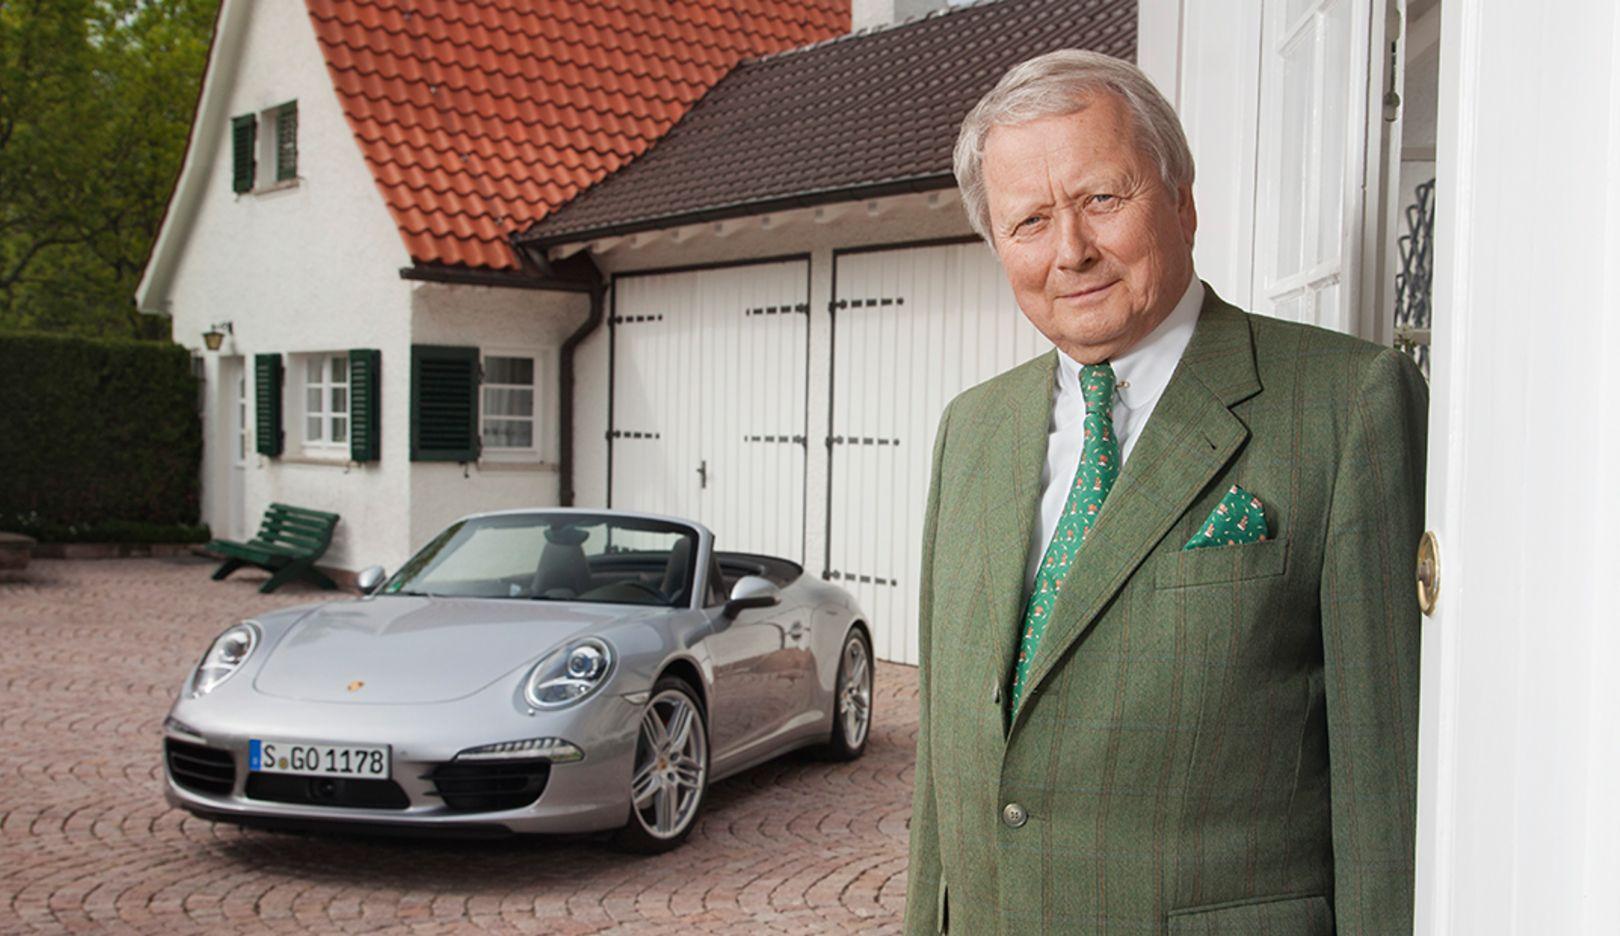 Dr. Wolfgang Porsche, Chairman of the Board, 2014, Porsche AG